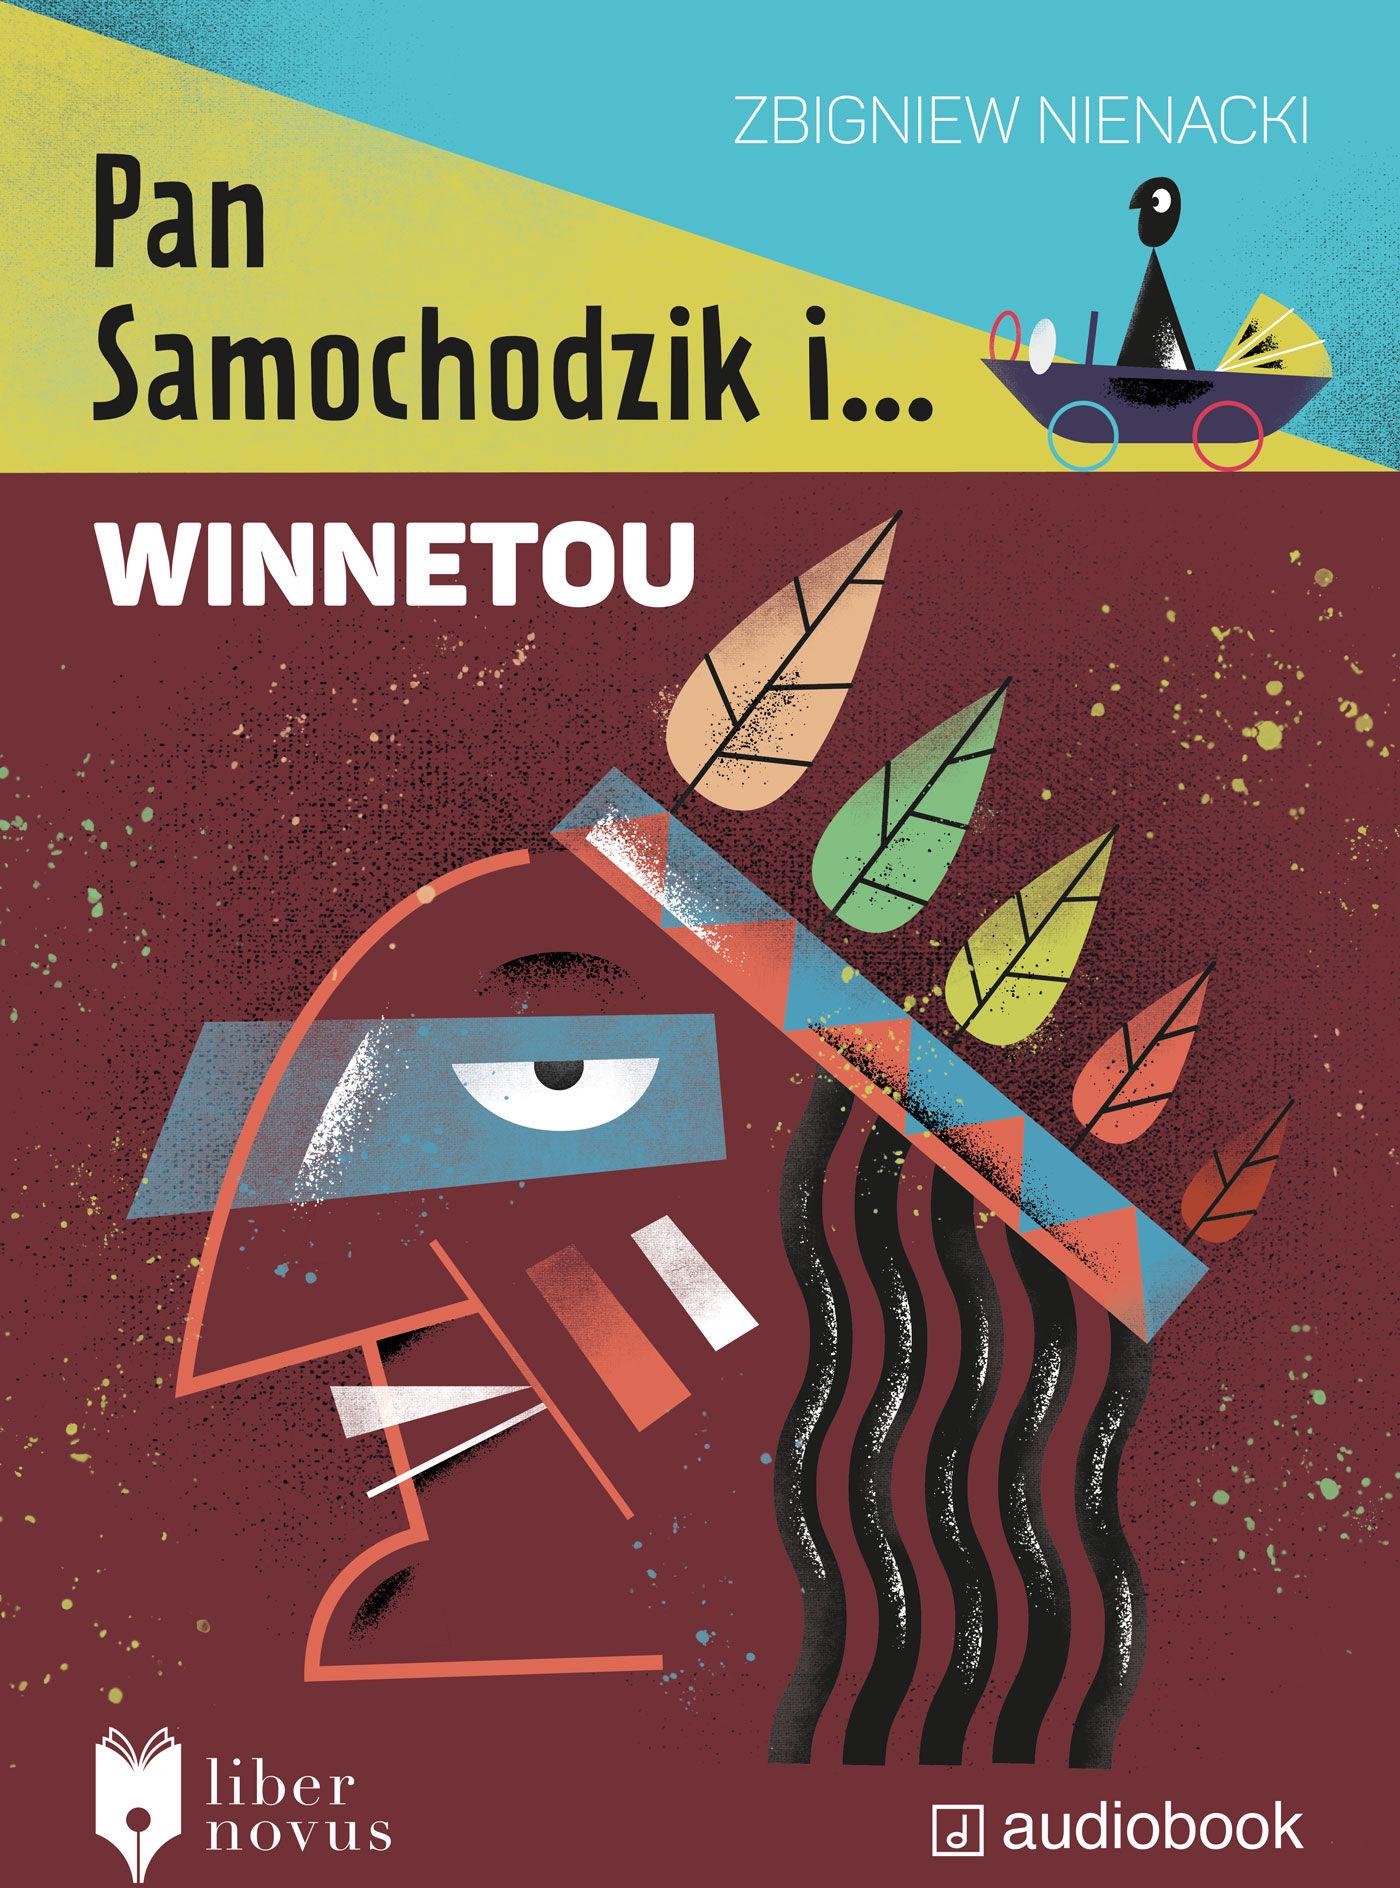 Pan Samochodzik i Winnetou - Zbigniew Nienacki - audiobook